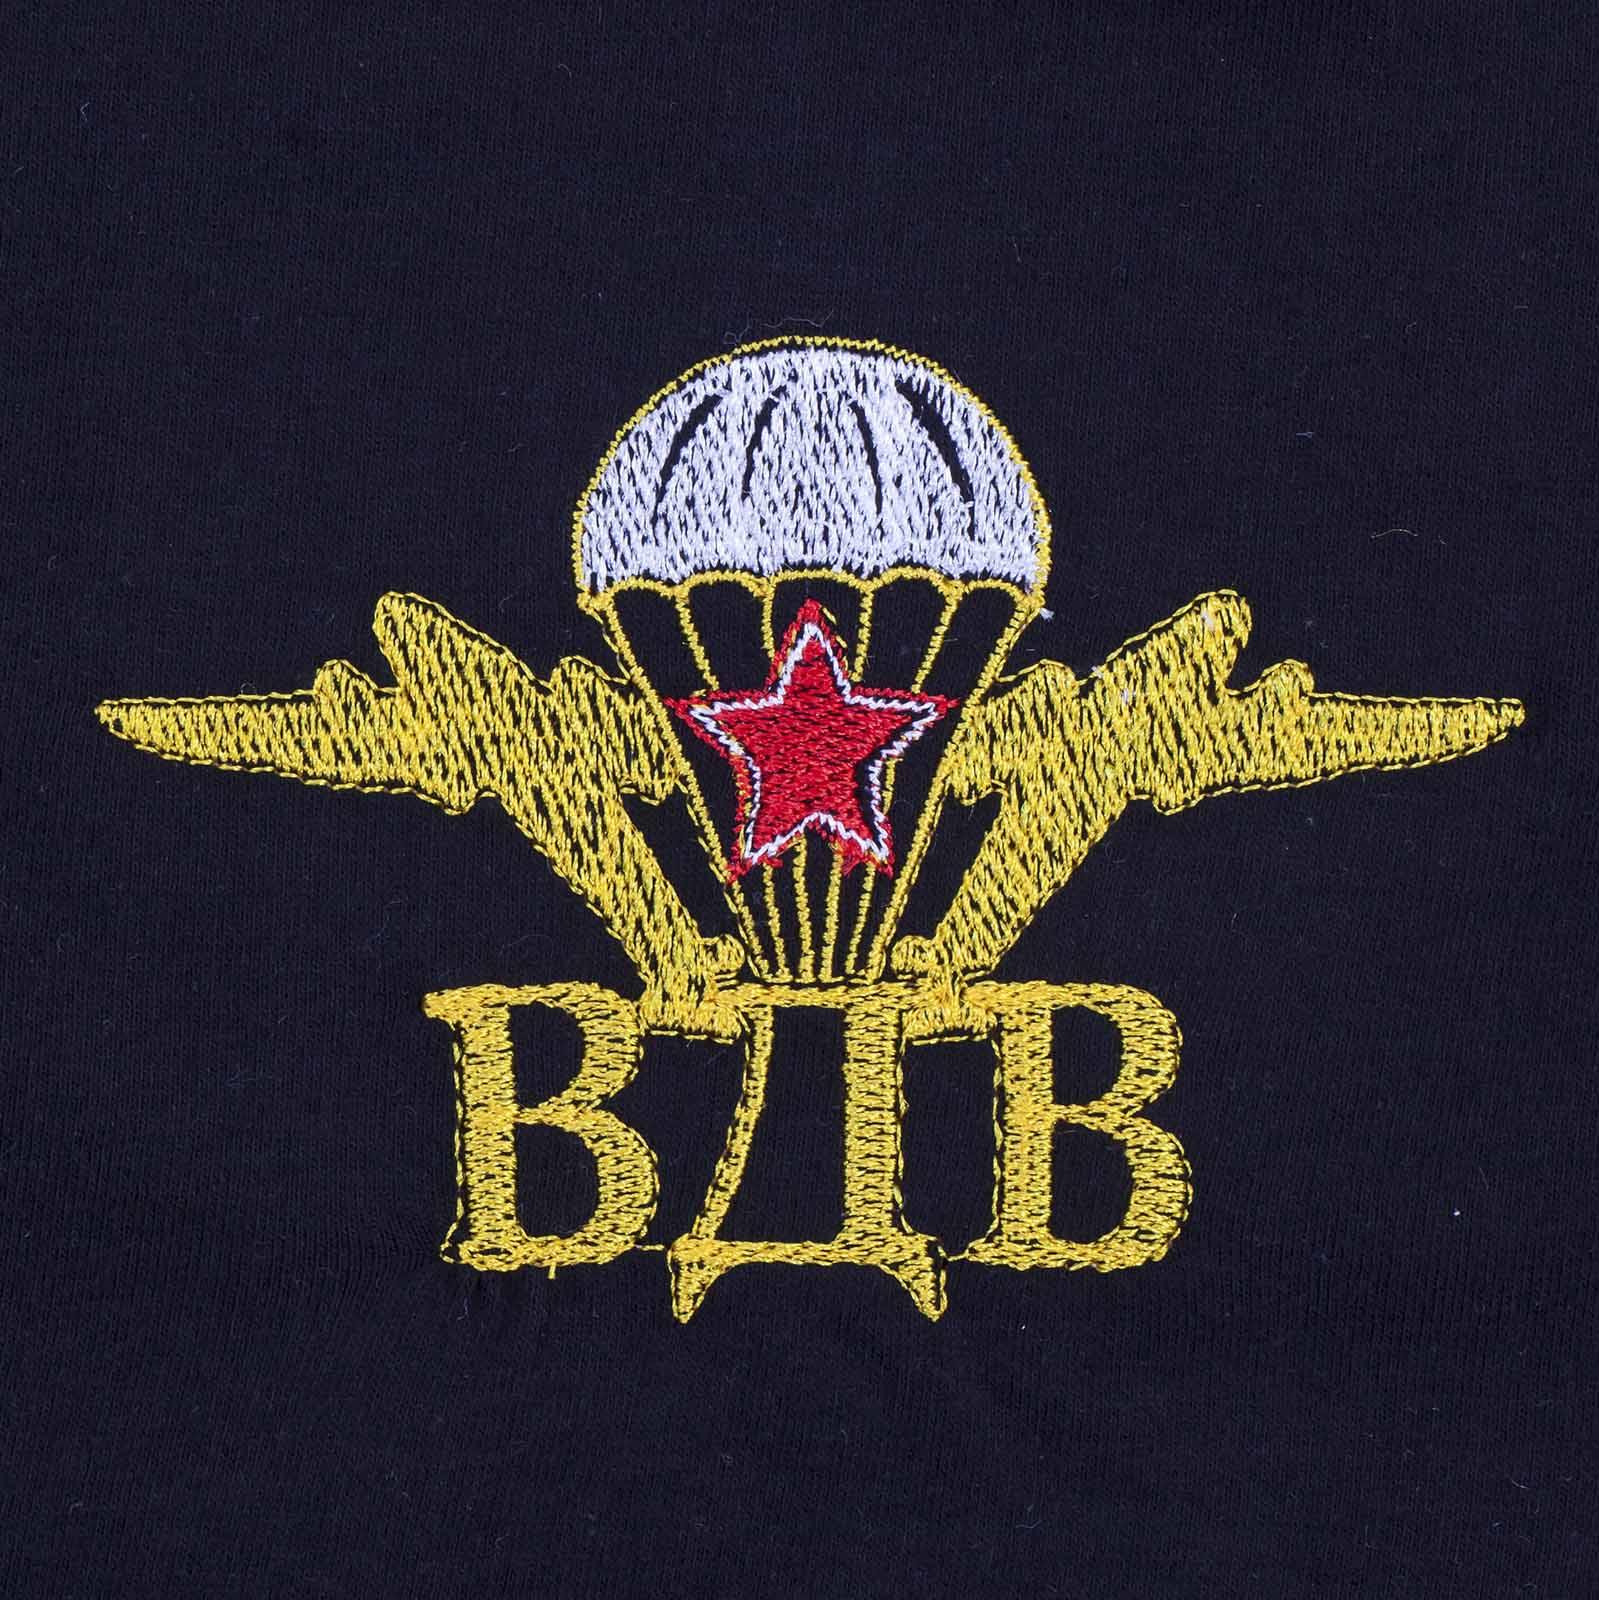 Заказать футболку ВДВ с вышитой эмблемой